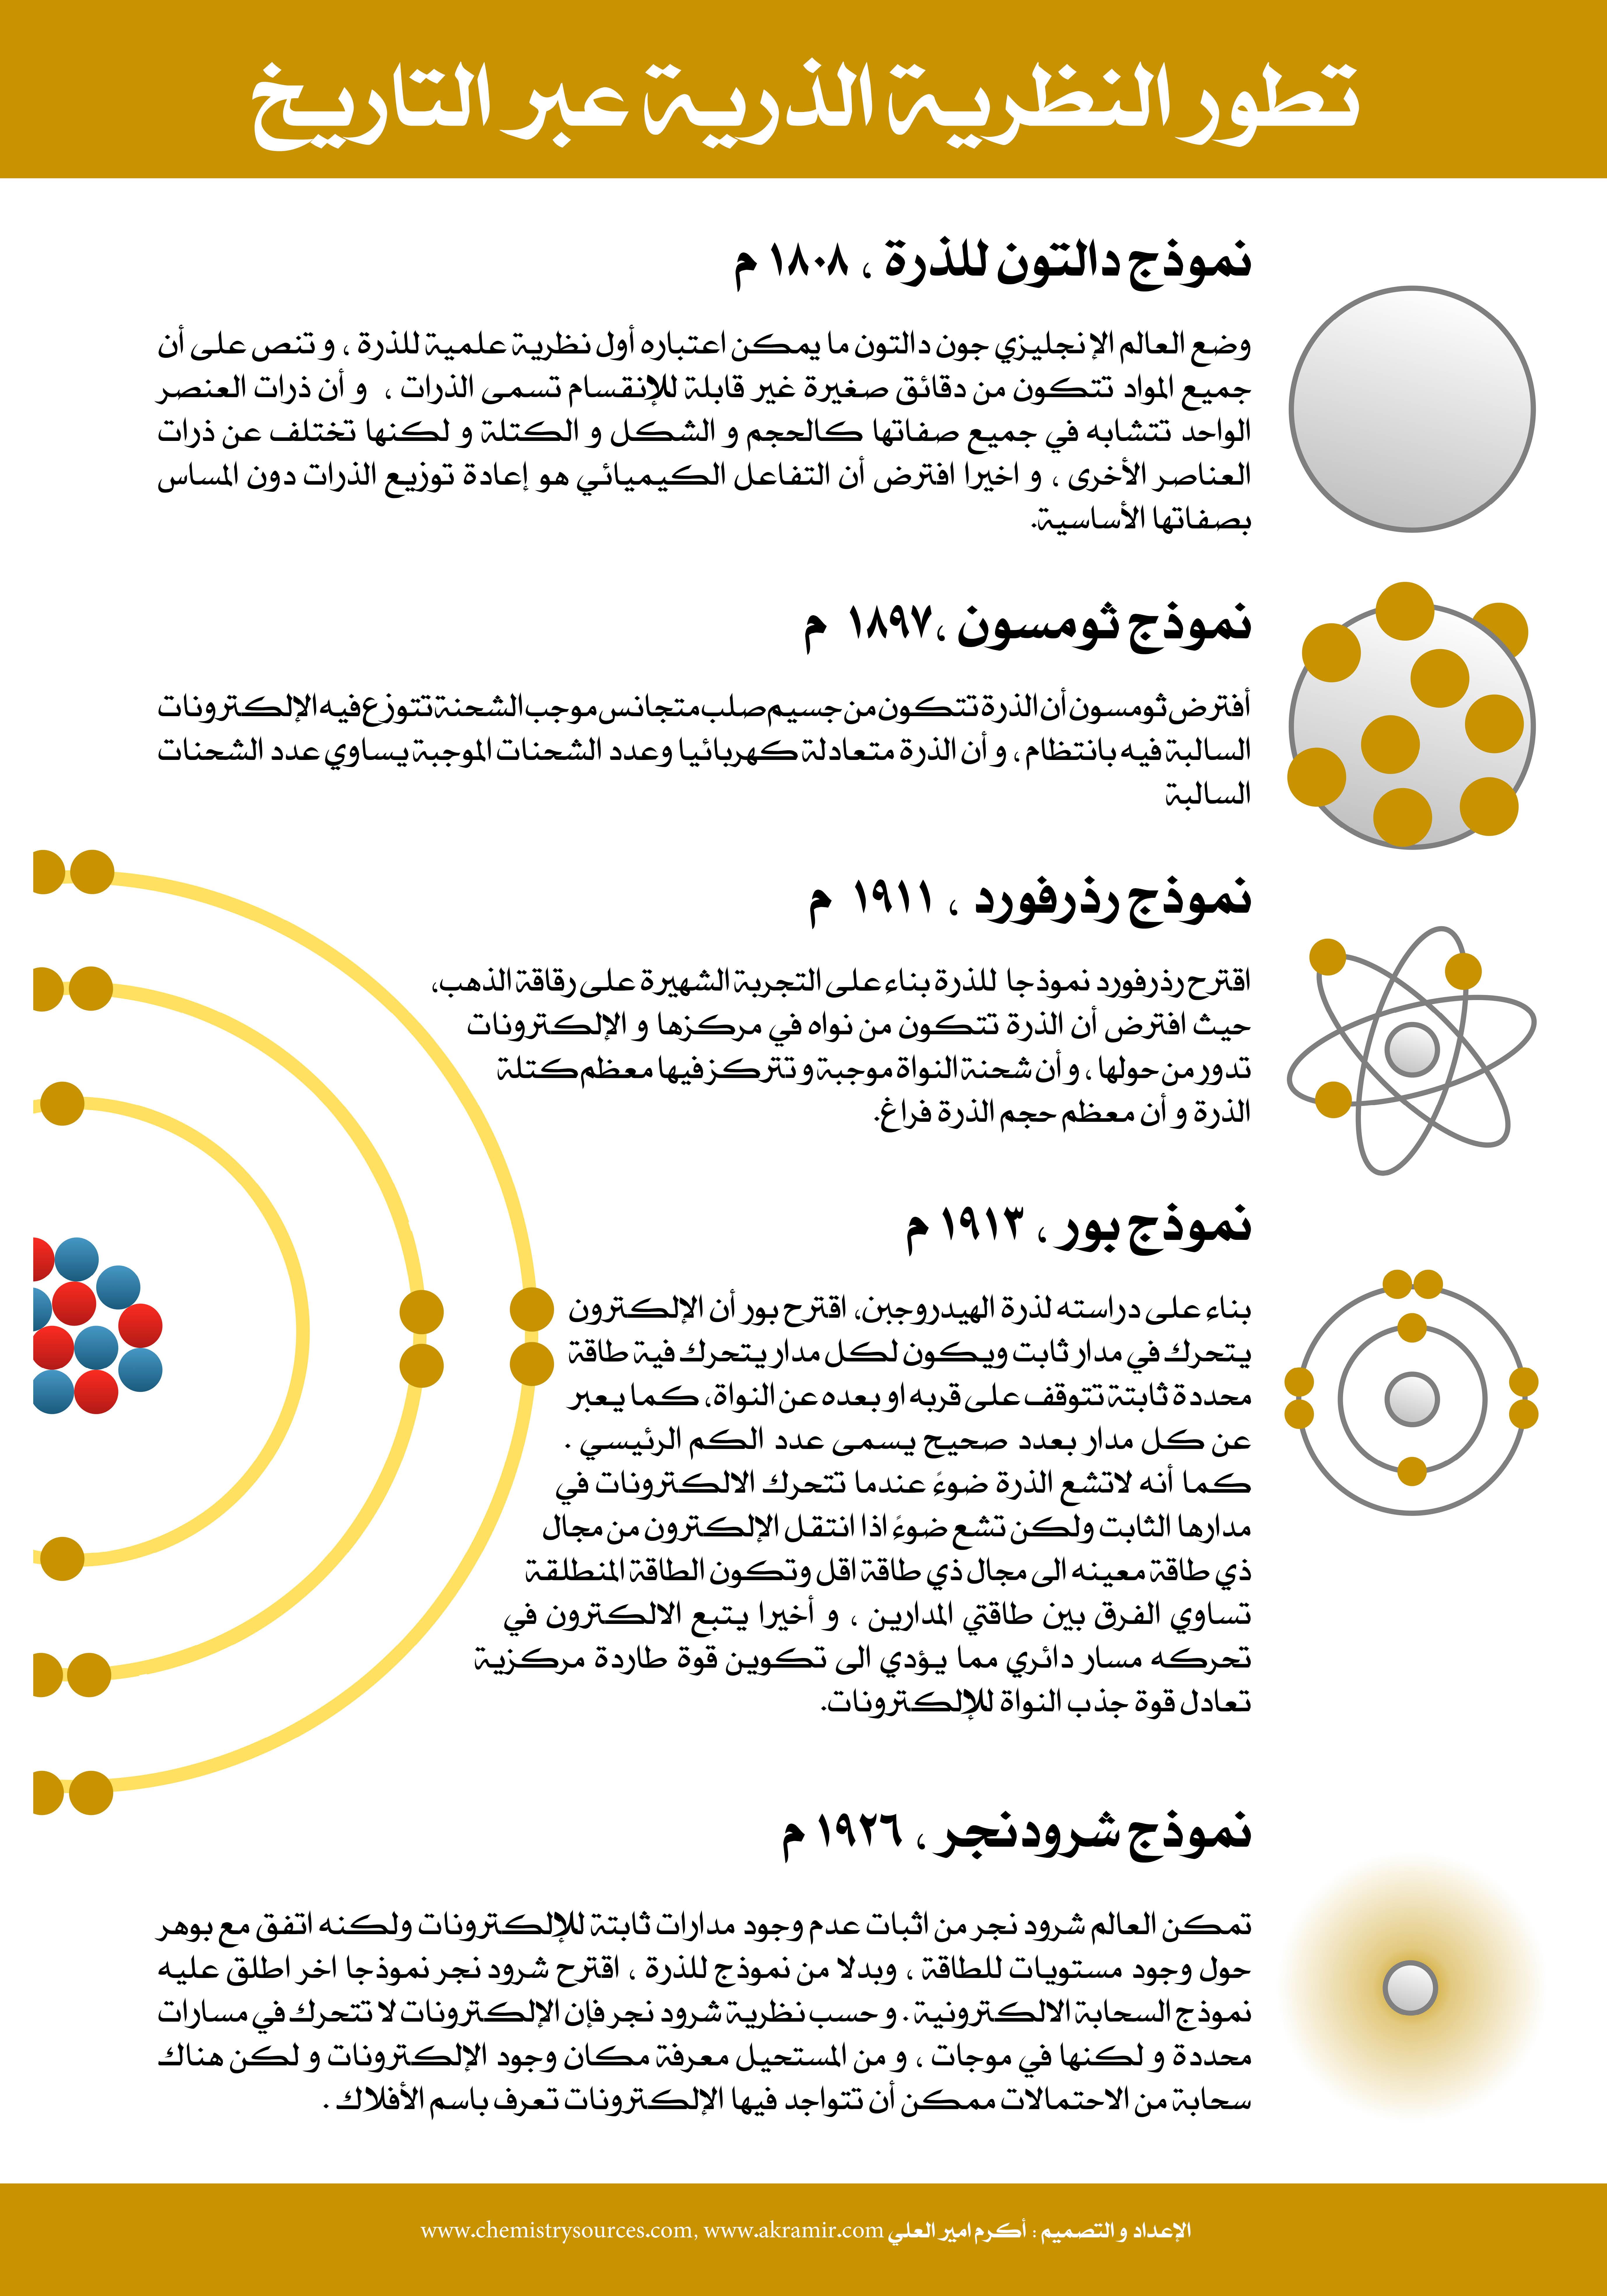 Akramir Chemistry Poster 14 مصادر الكيمياء